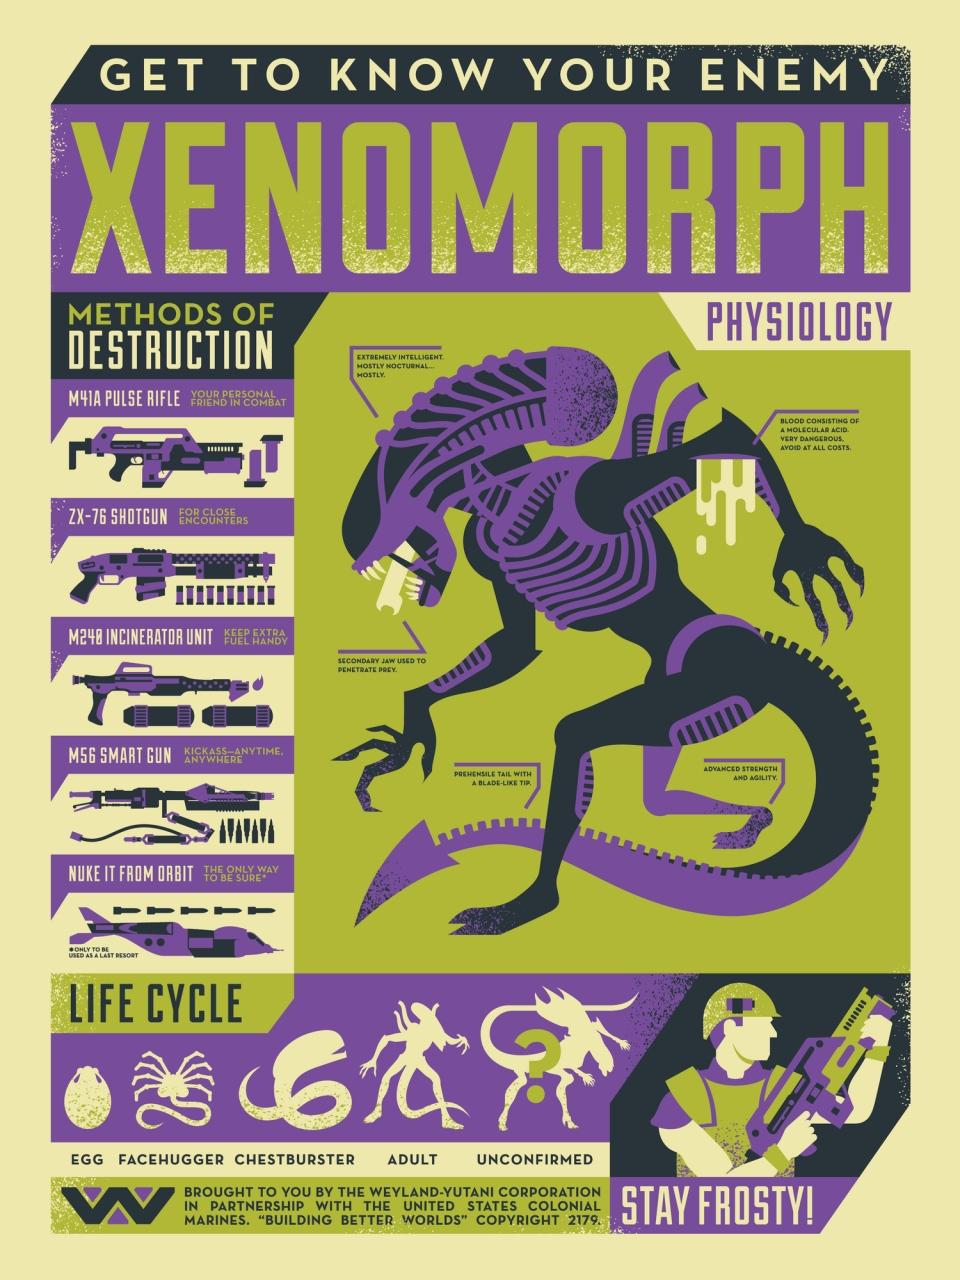 How To Kill a Xenomorph